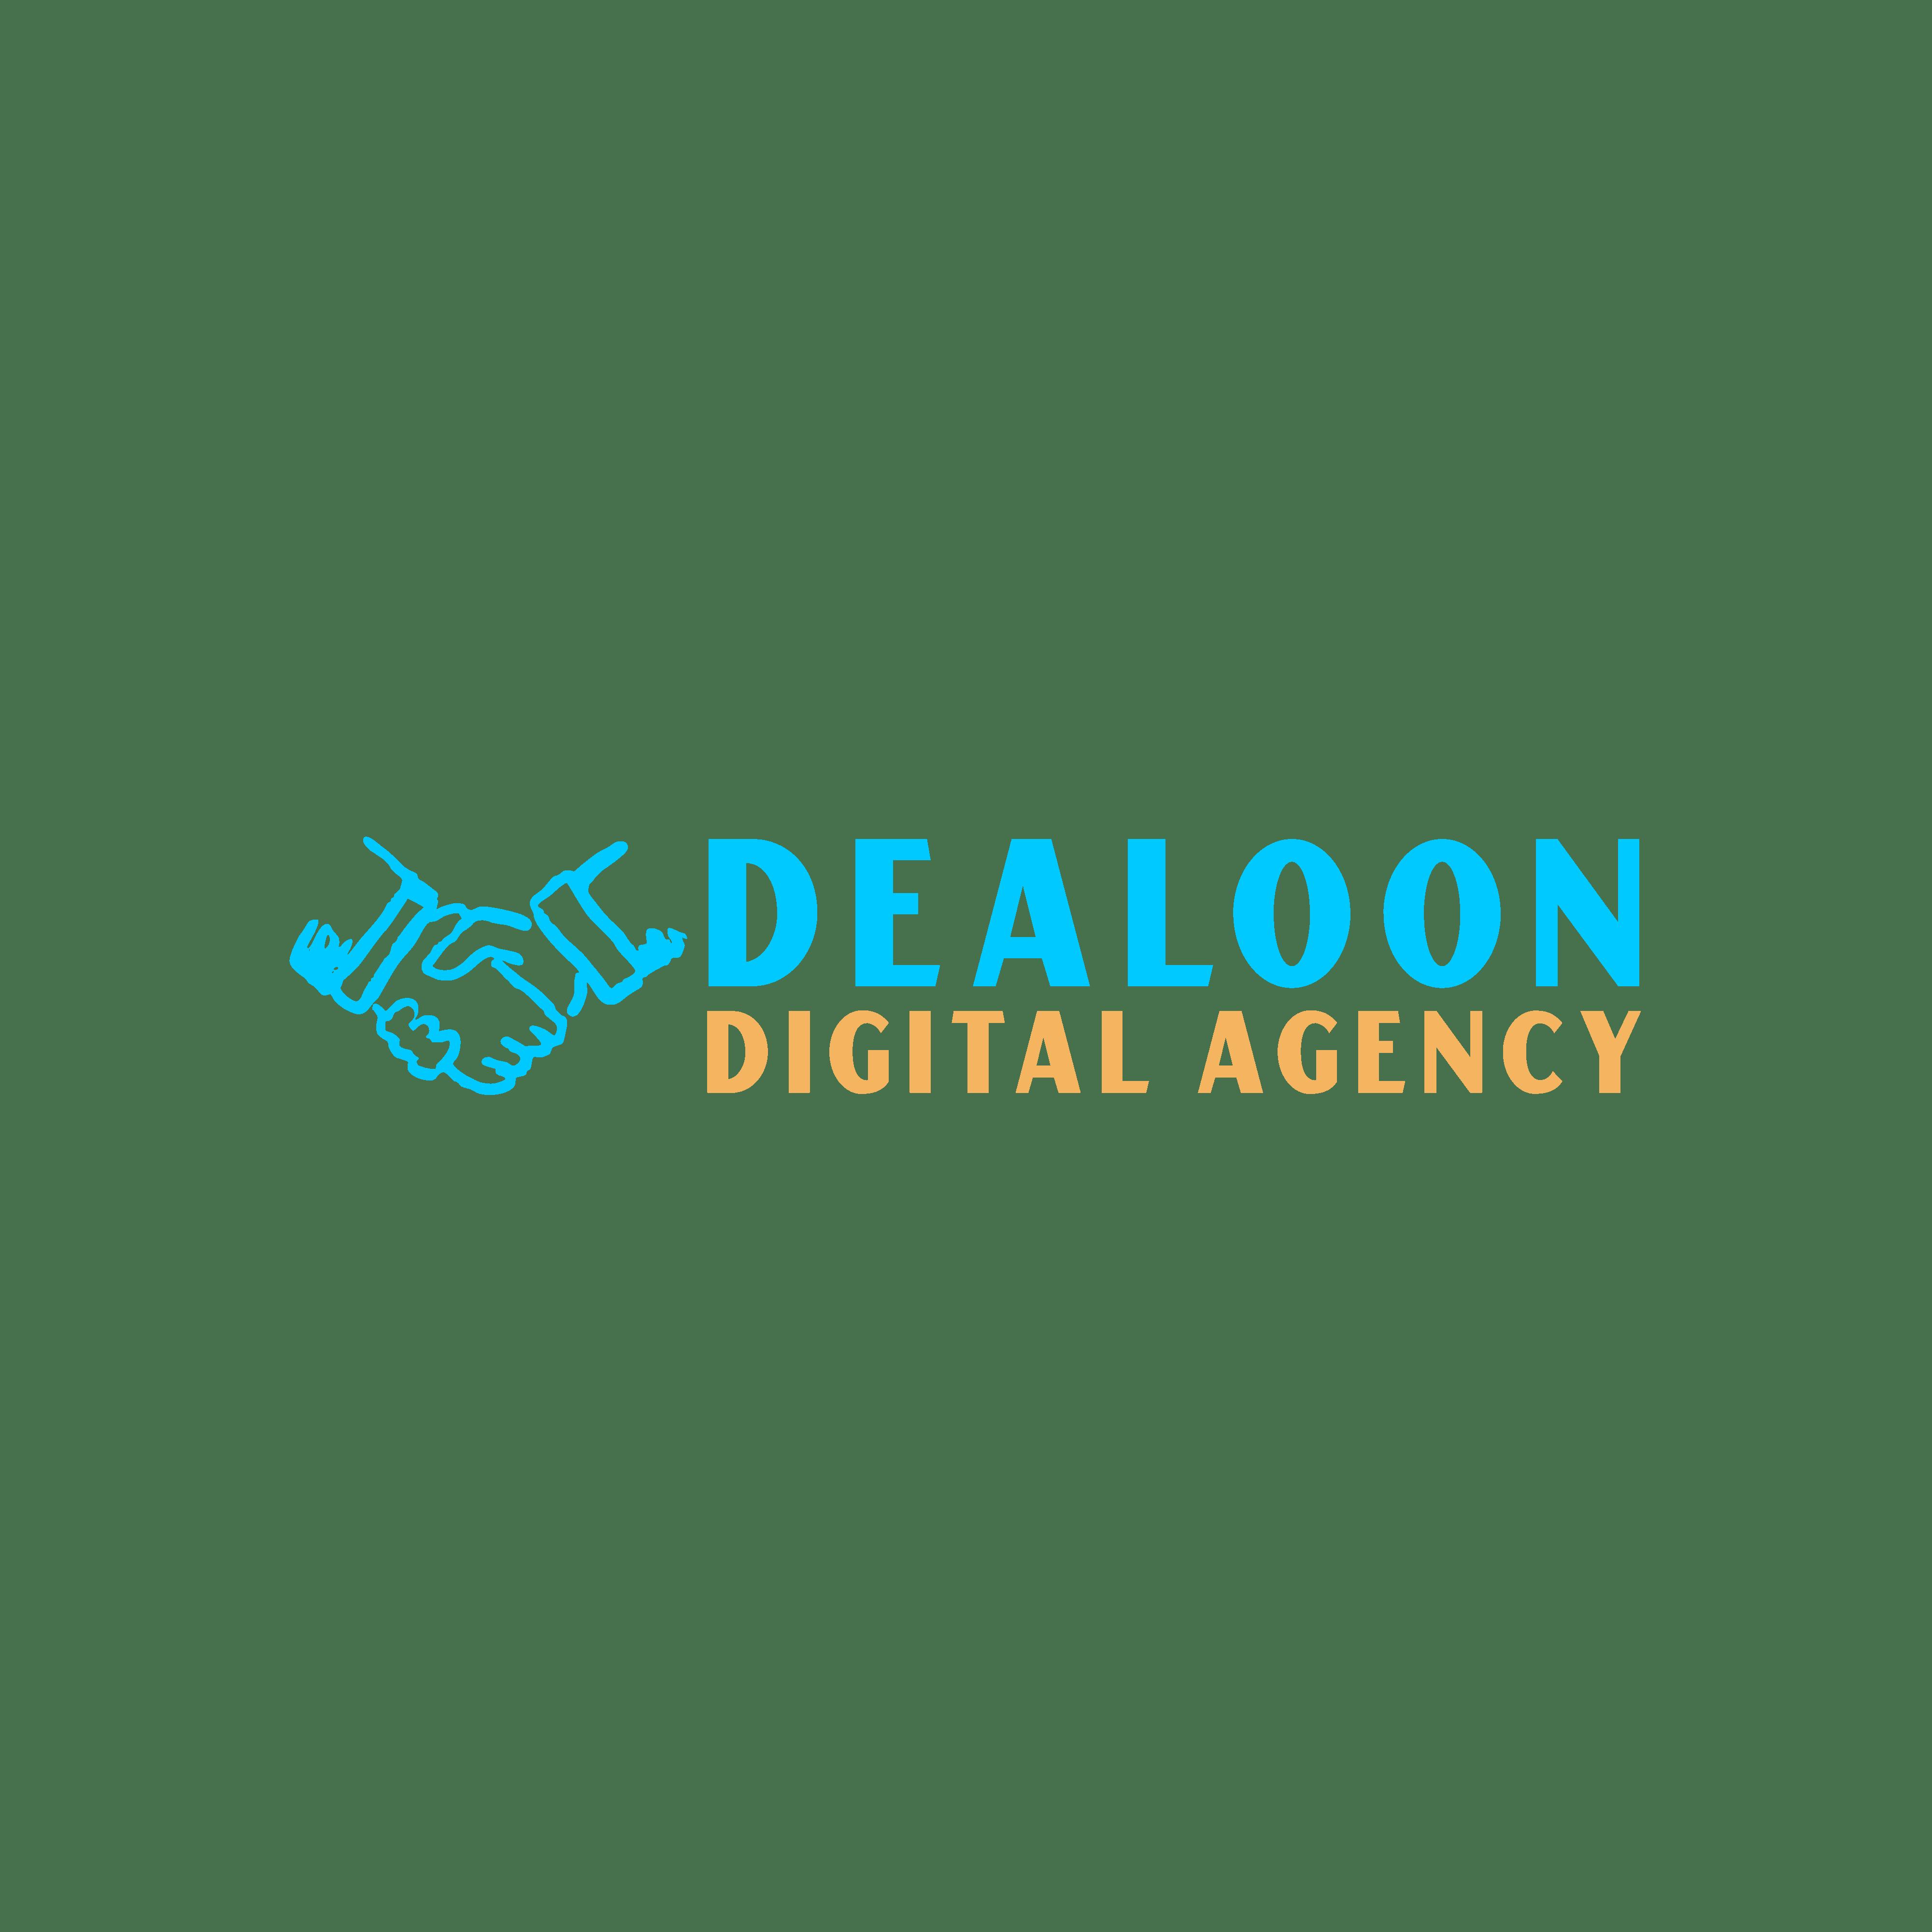 Dealoon Digital